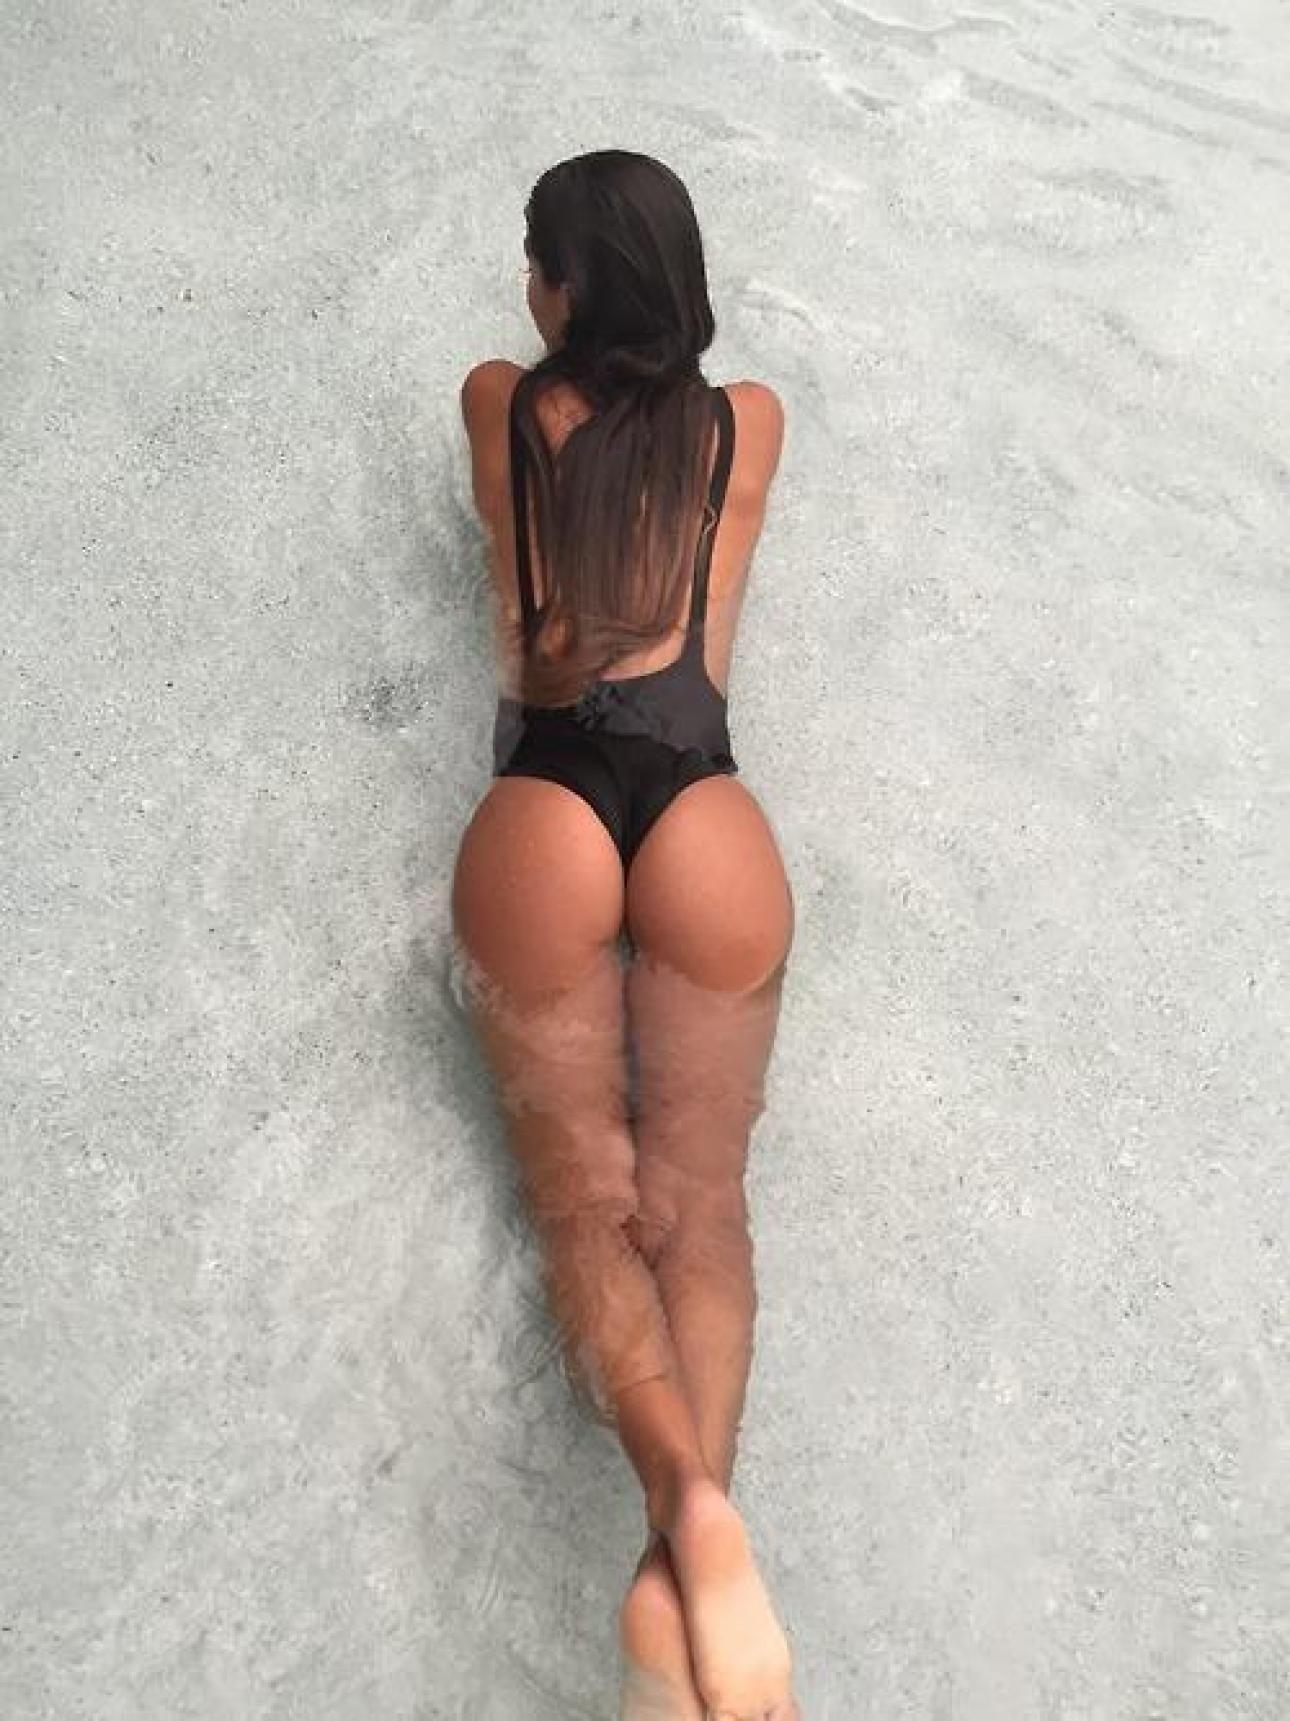 Ass booty butt perfect